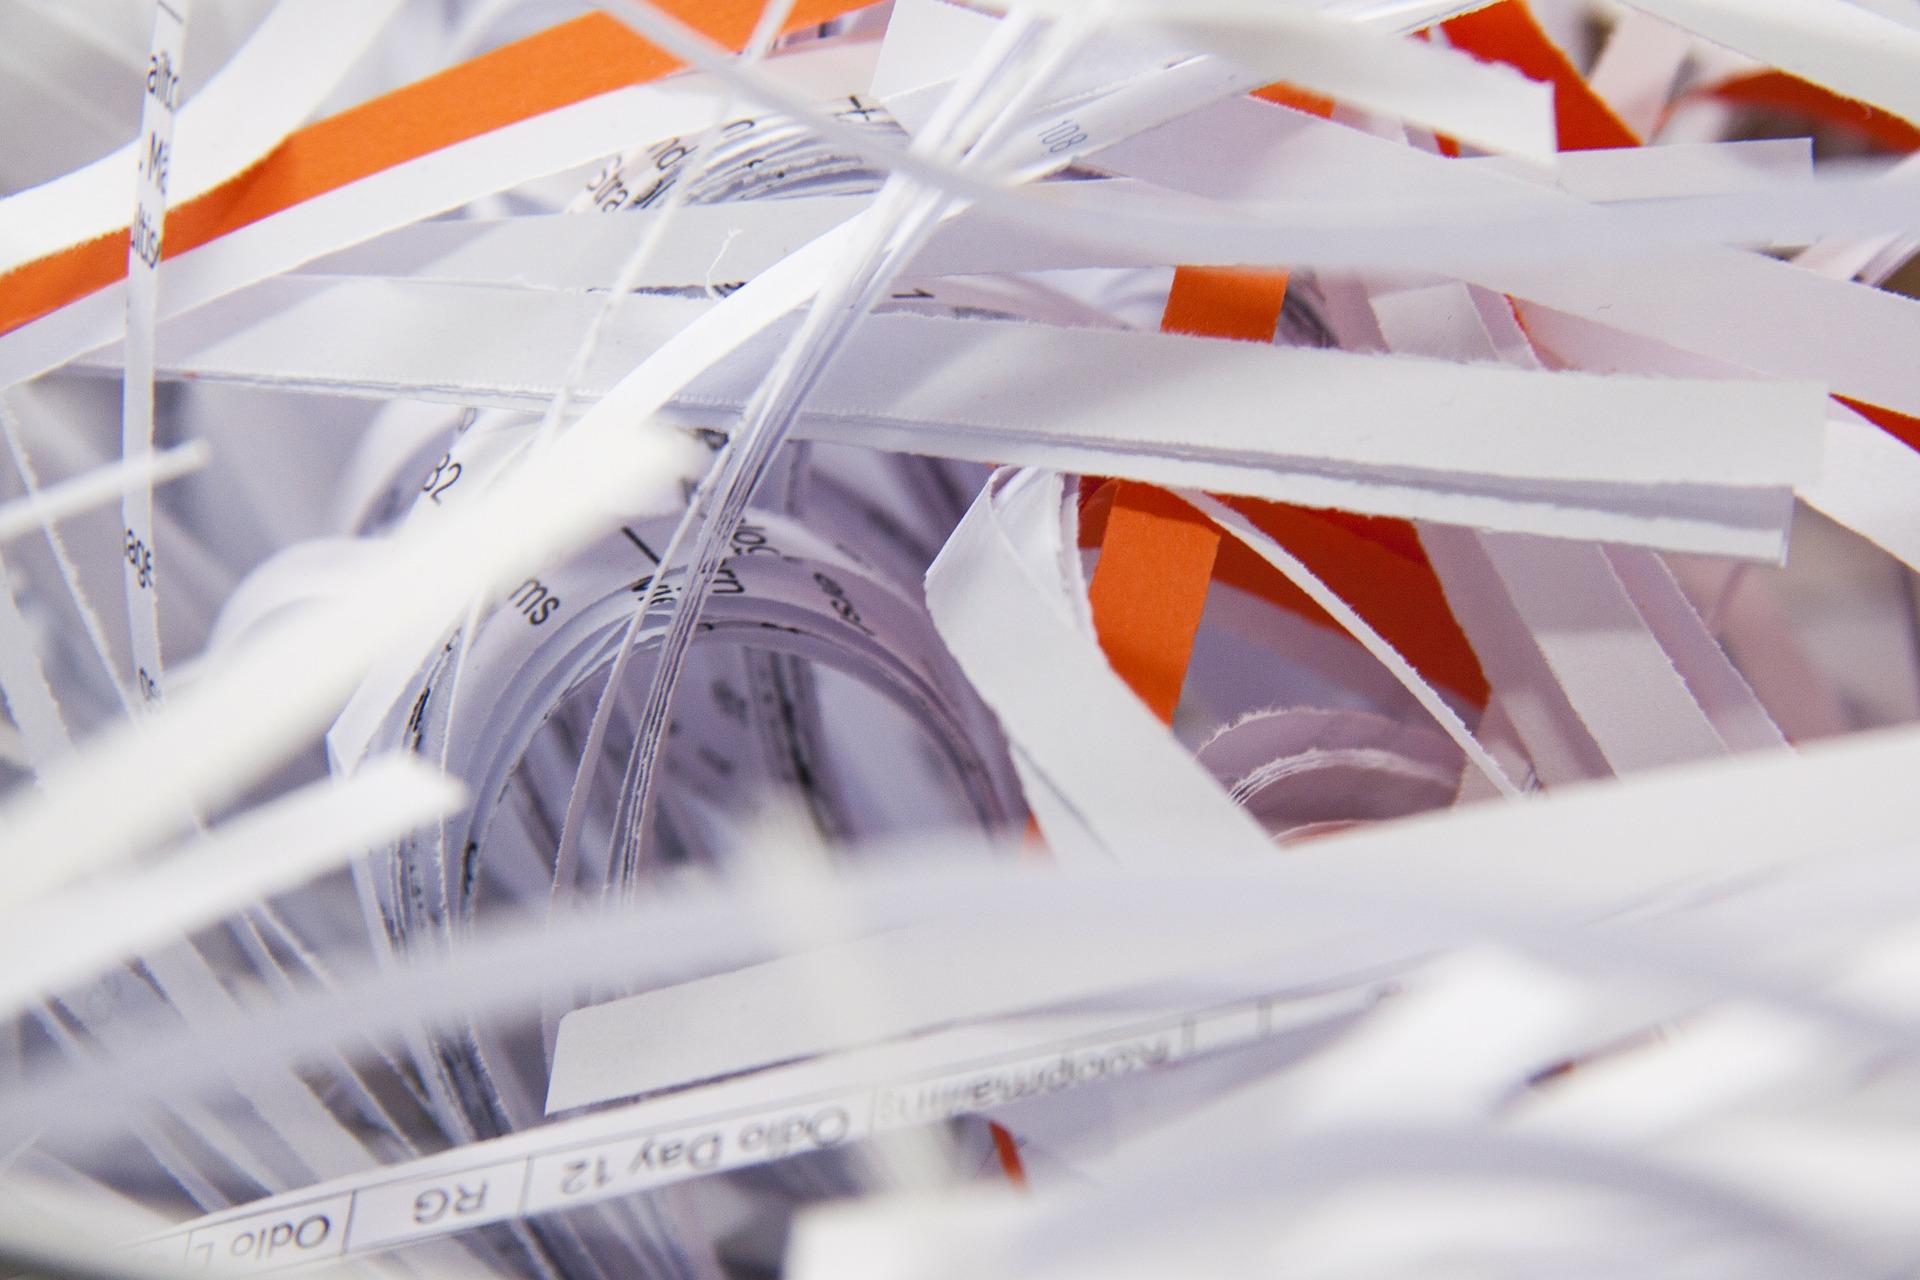 shredder-71775_1920 (1)